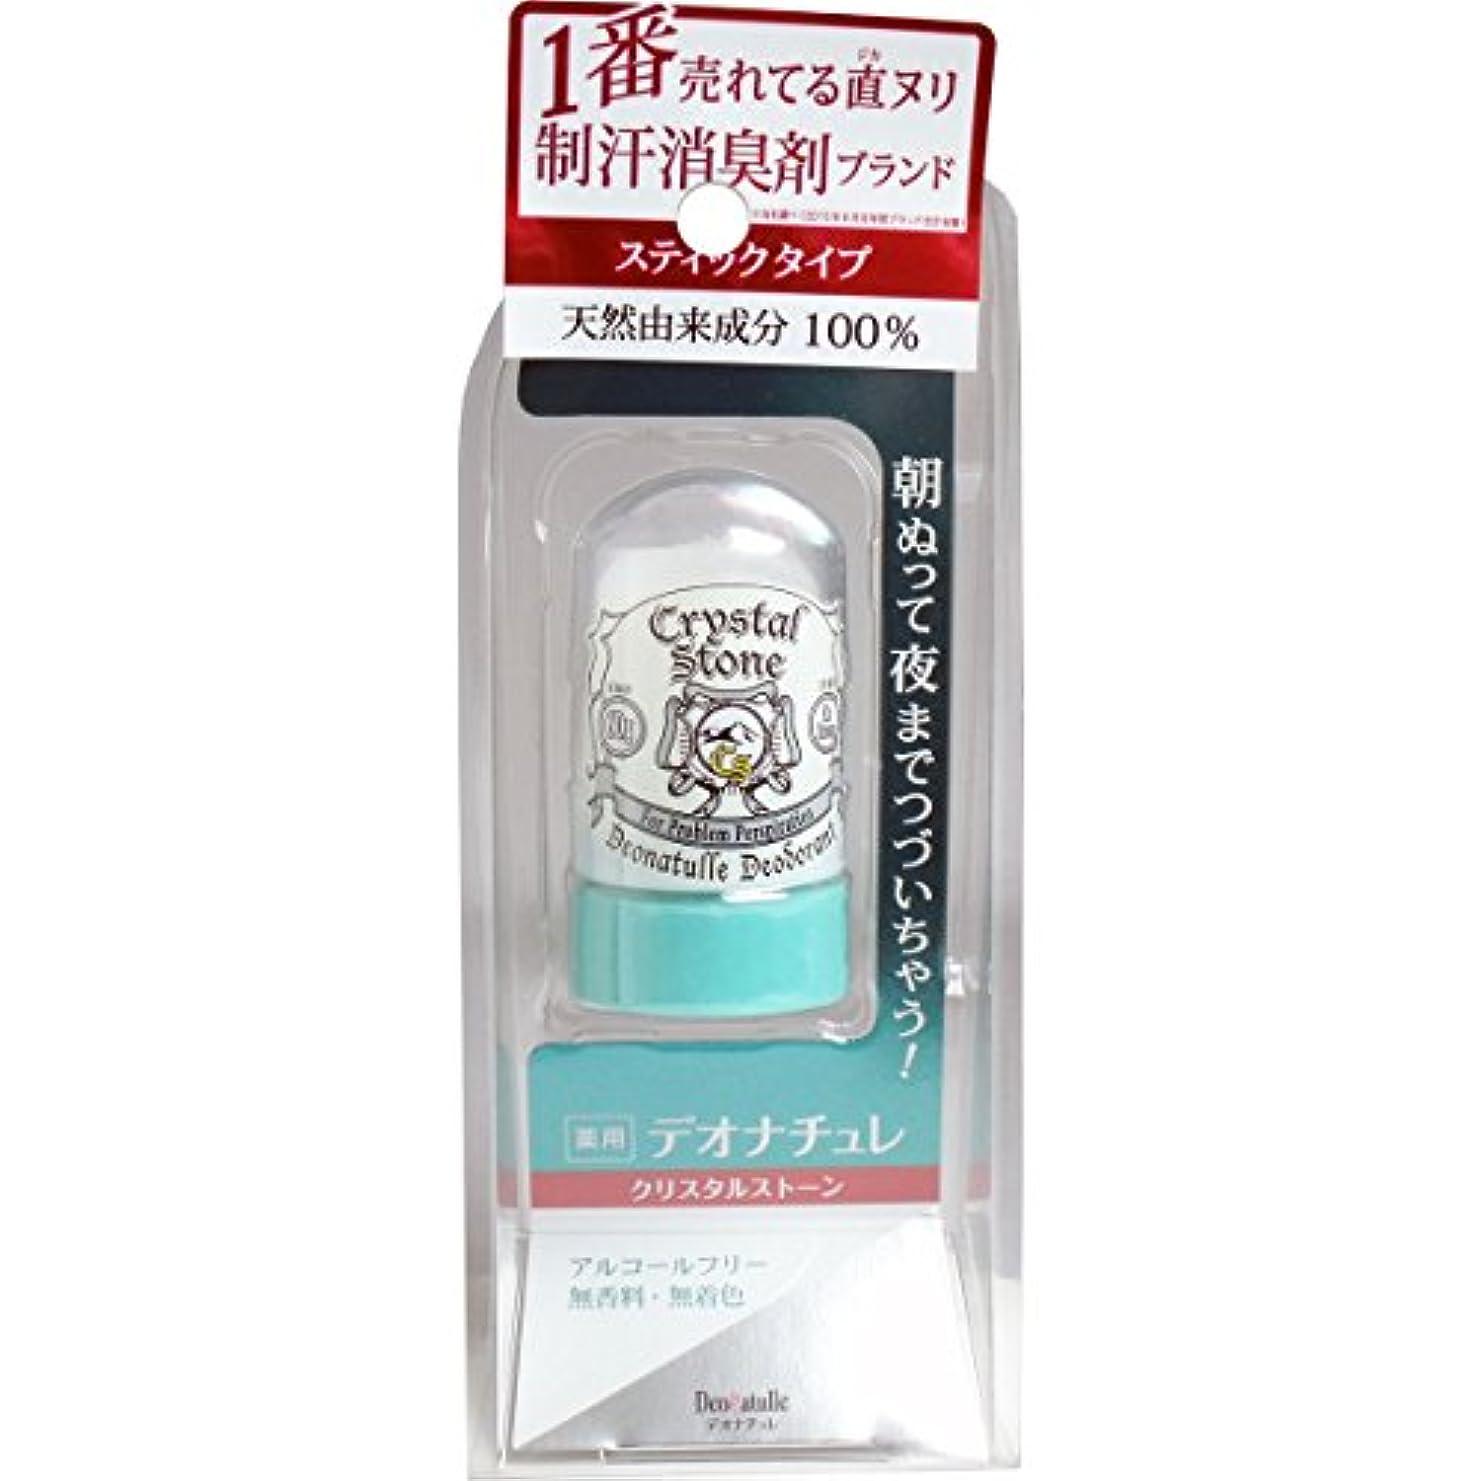 定期的に意味のあるトラブルデオナチュレ クリスタルストーン 60g(医薬部外品)(お買い得3個セット)